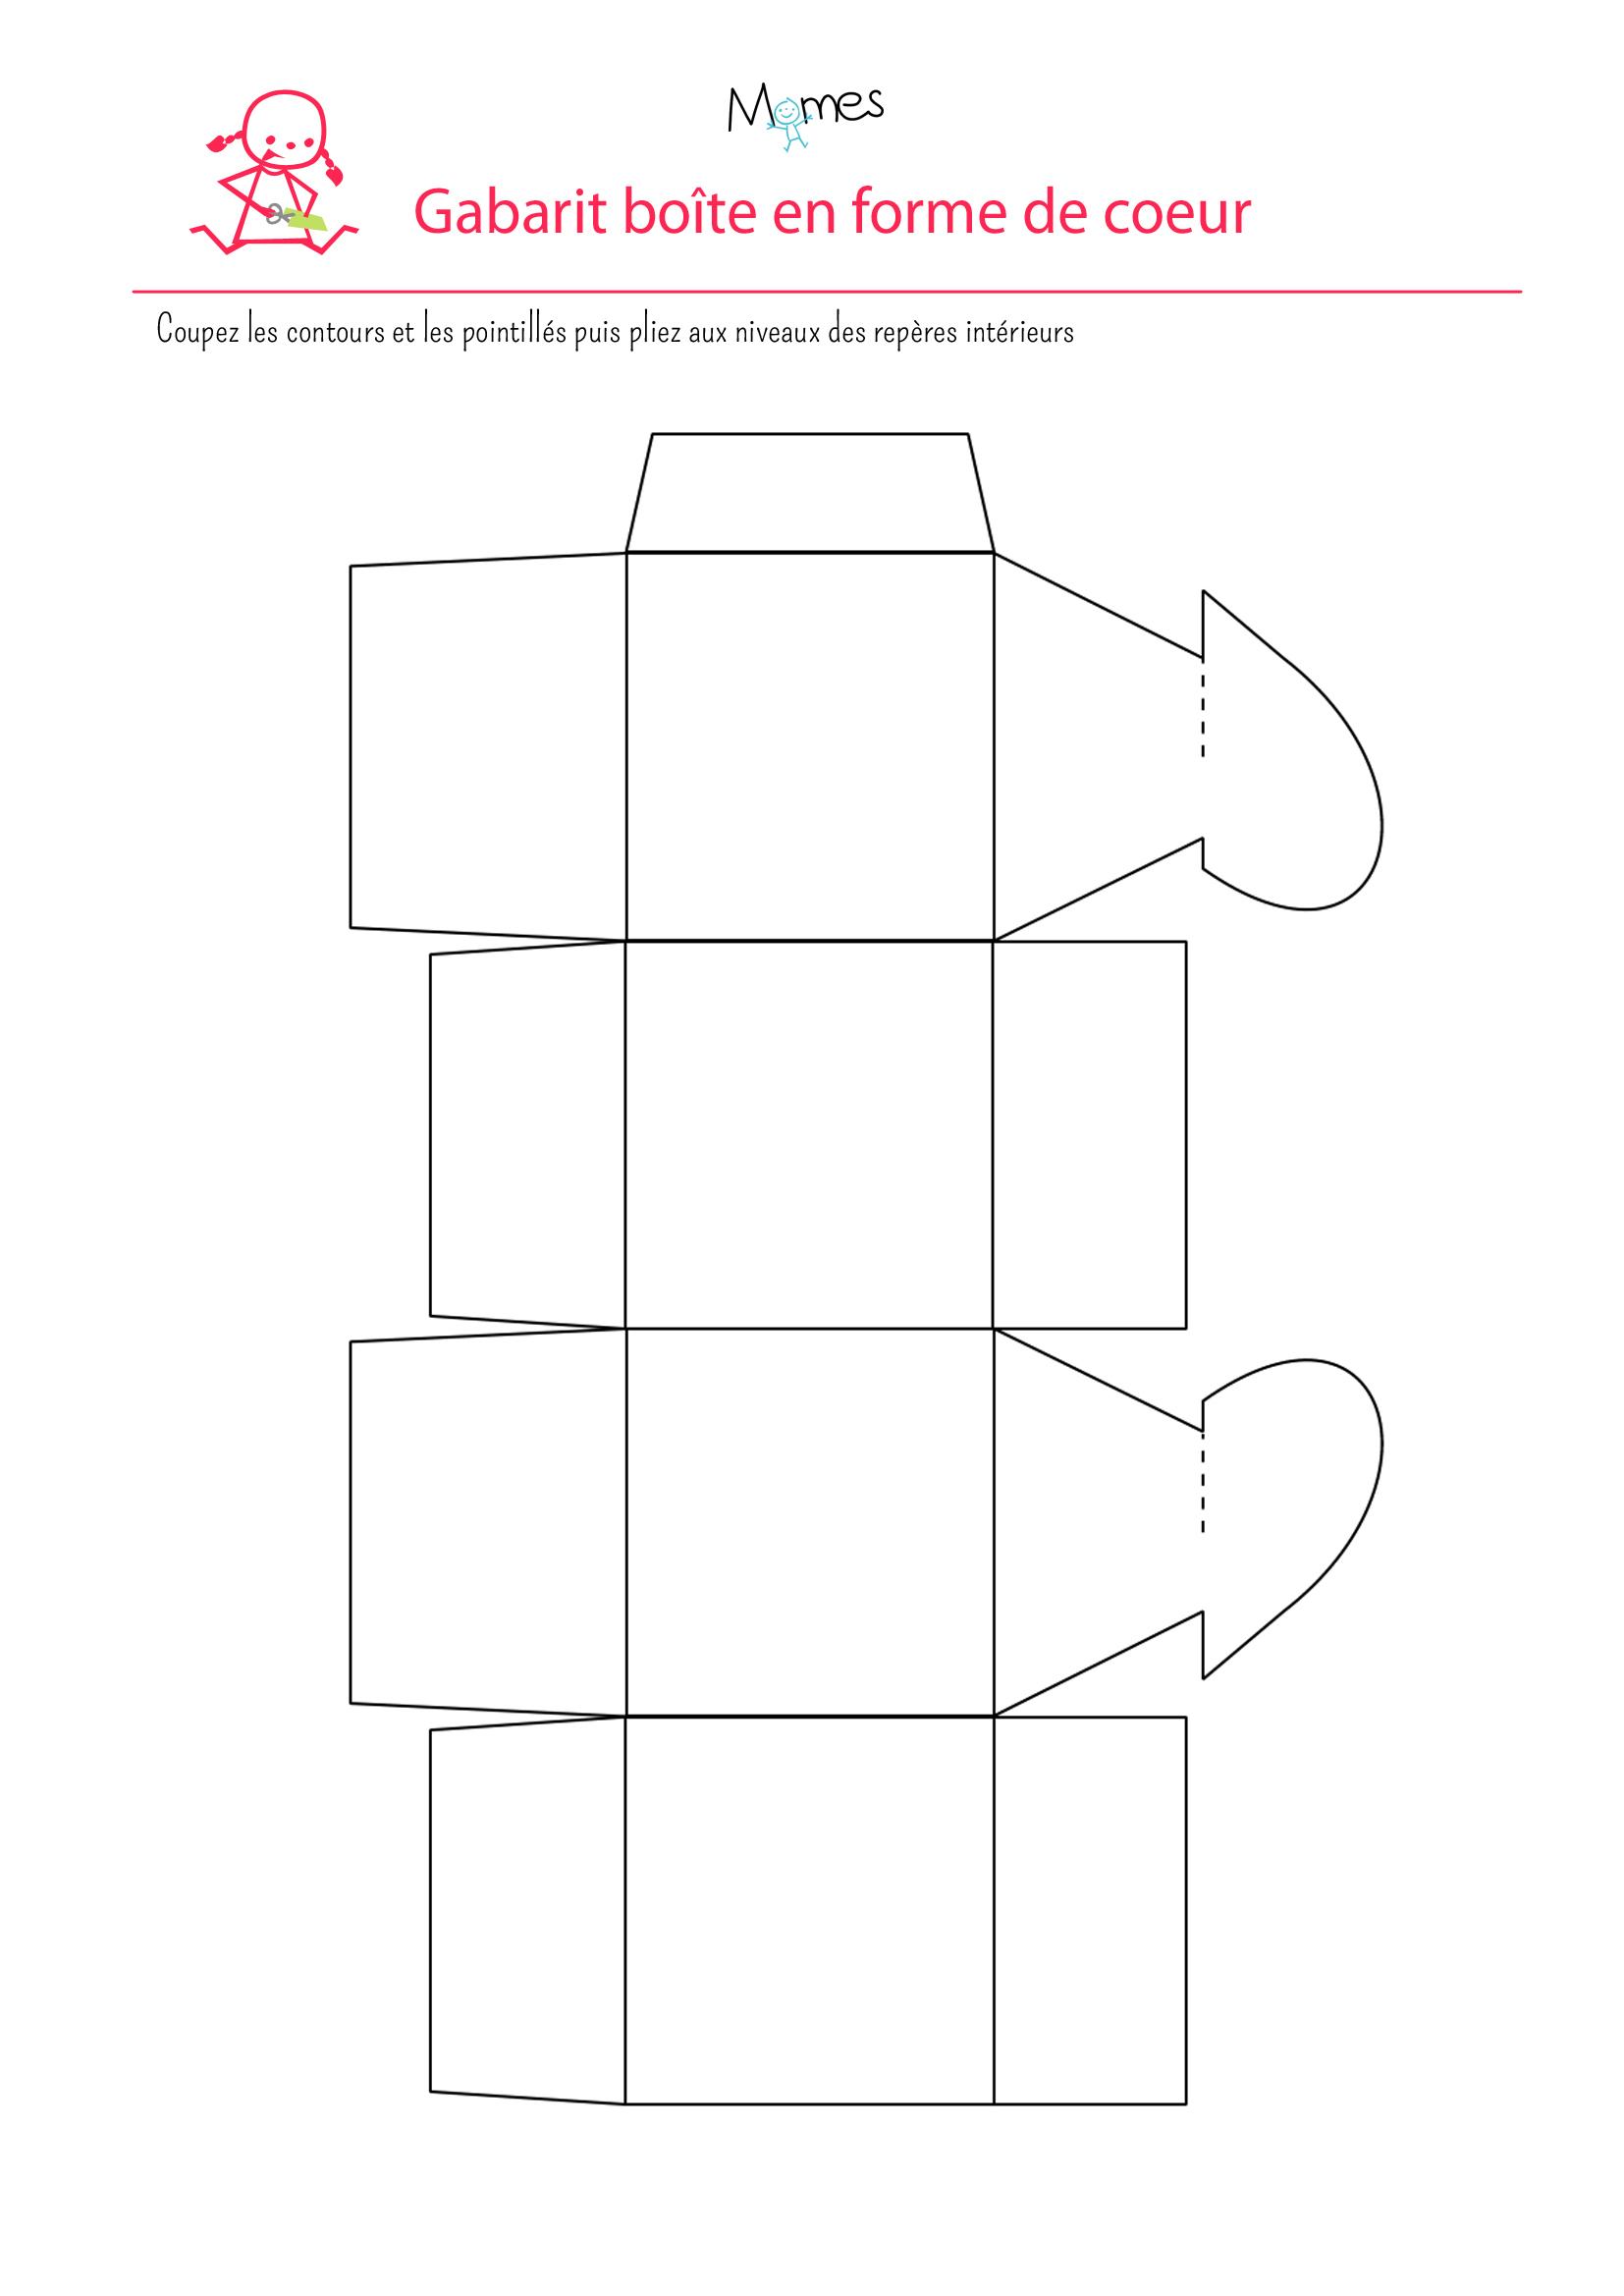 Fabriquer Un Boîte Cadeau En Forme De Coeur - Momes encequiconcerne Gabarit Boite En Papier